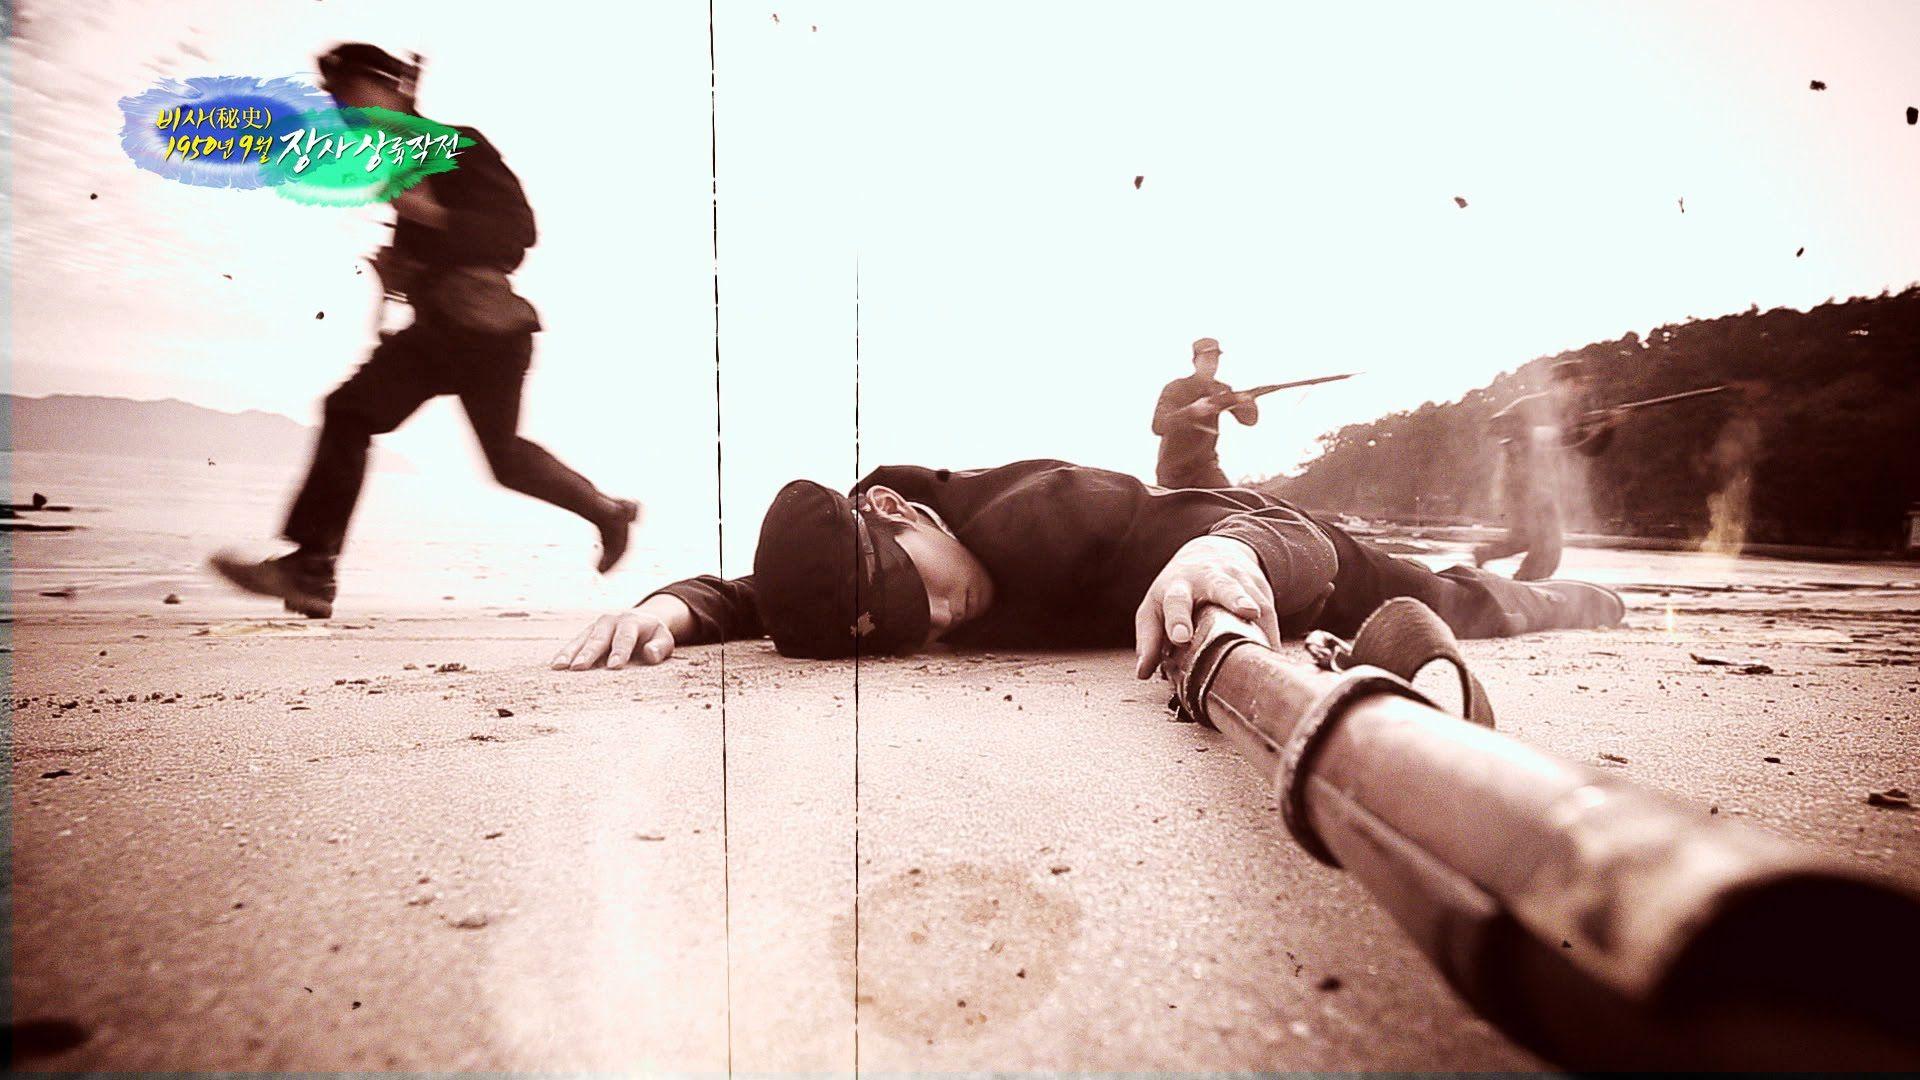 [KFN스페셜] 비사(秘史), 1950년 9월 장사 상륙작전